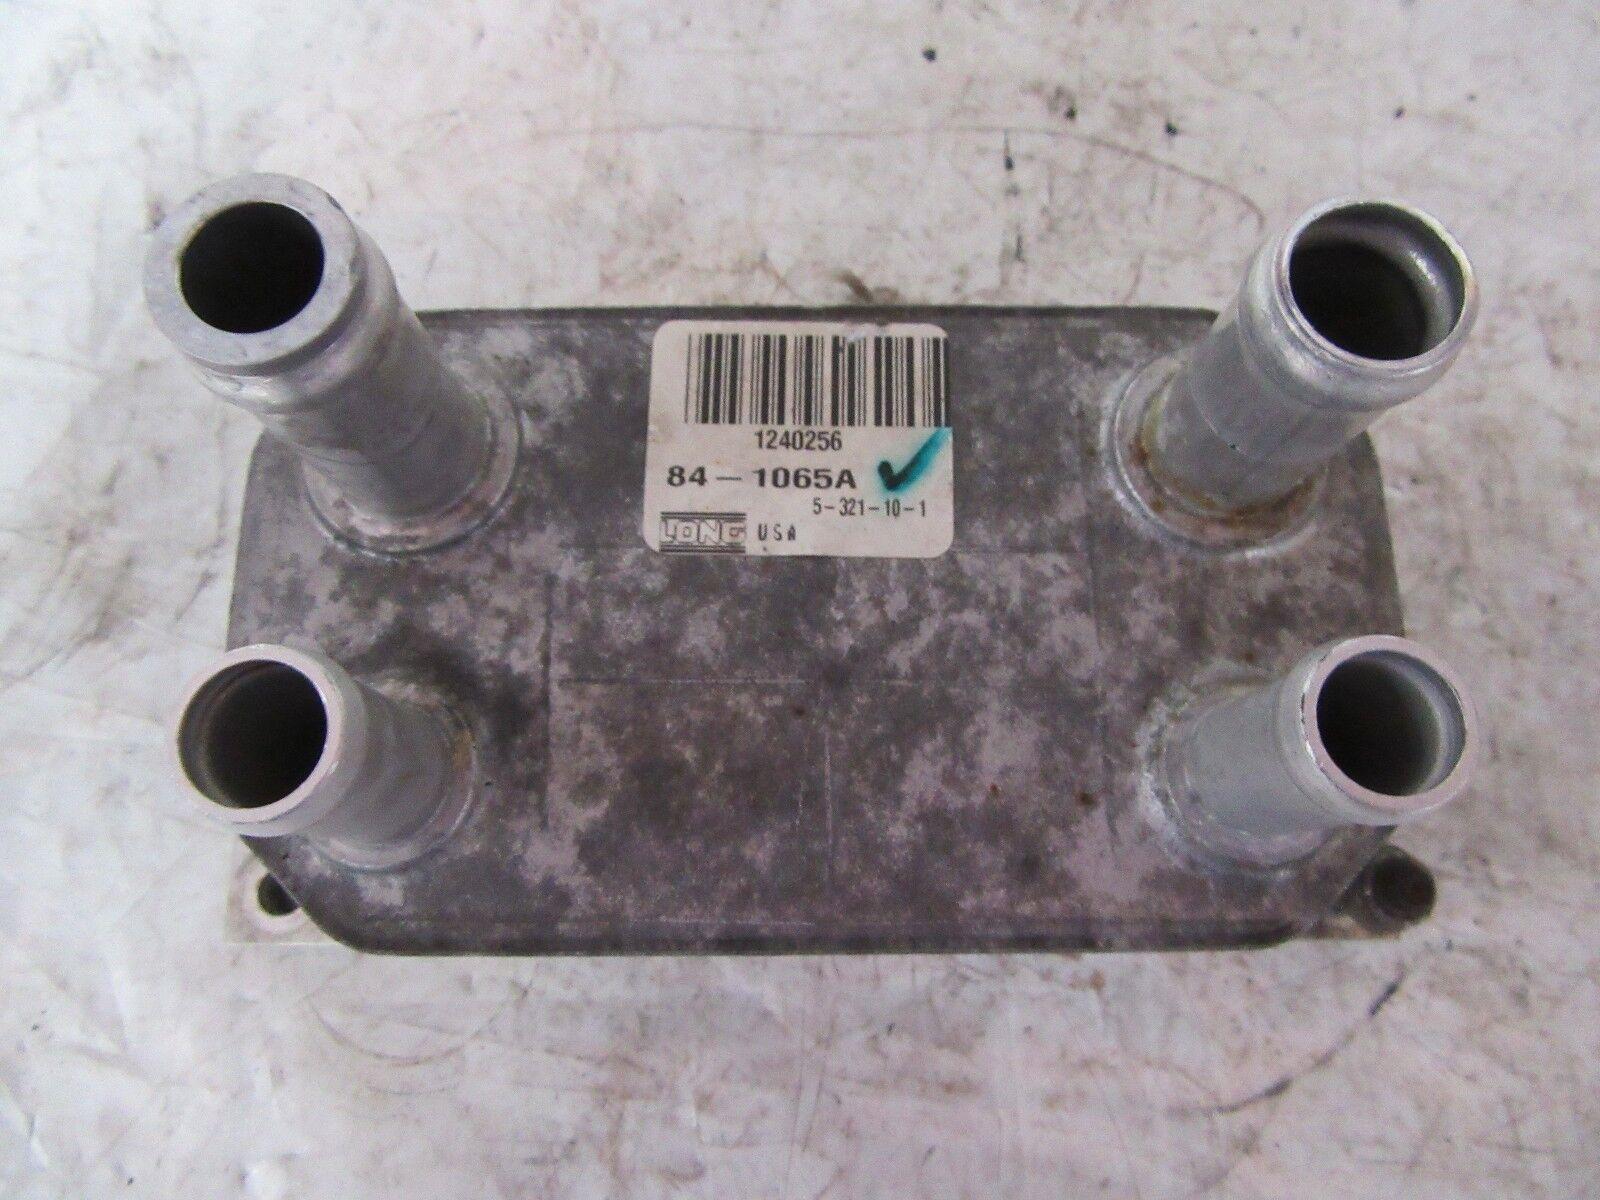 06' Polaris FST Classic 600 Oil Cooler #1240256 Item #428